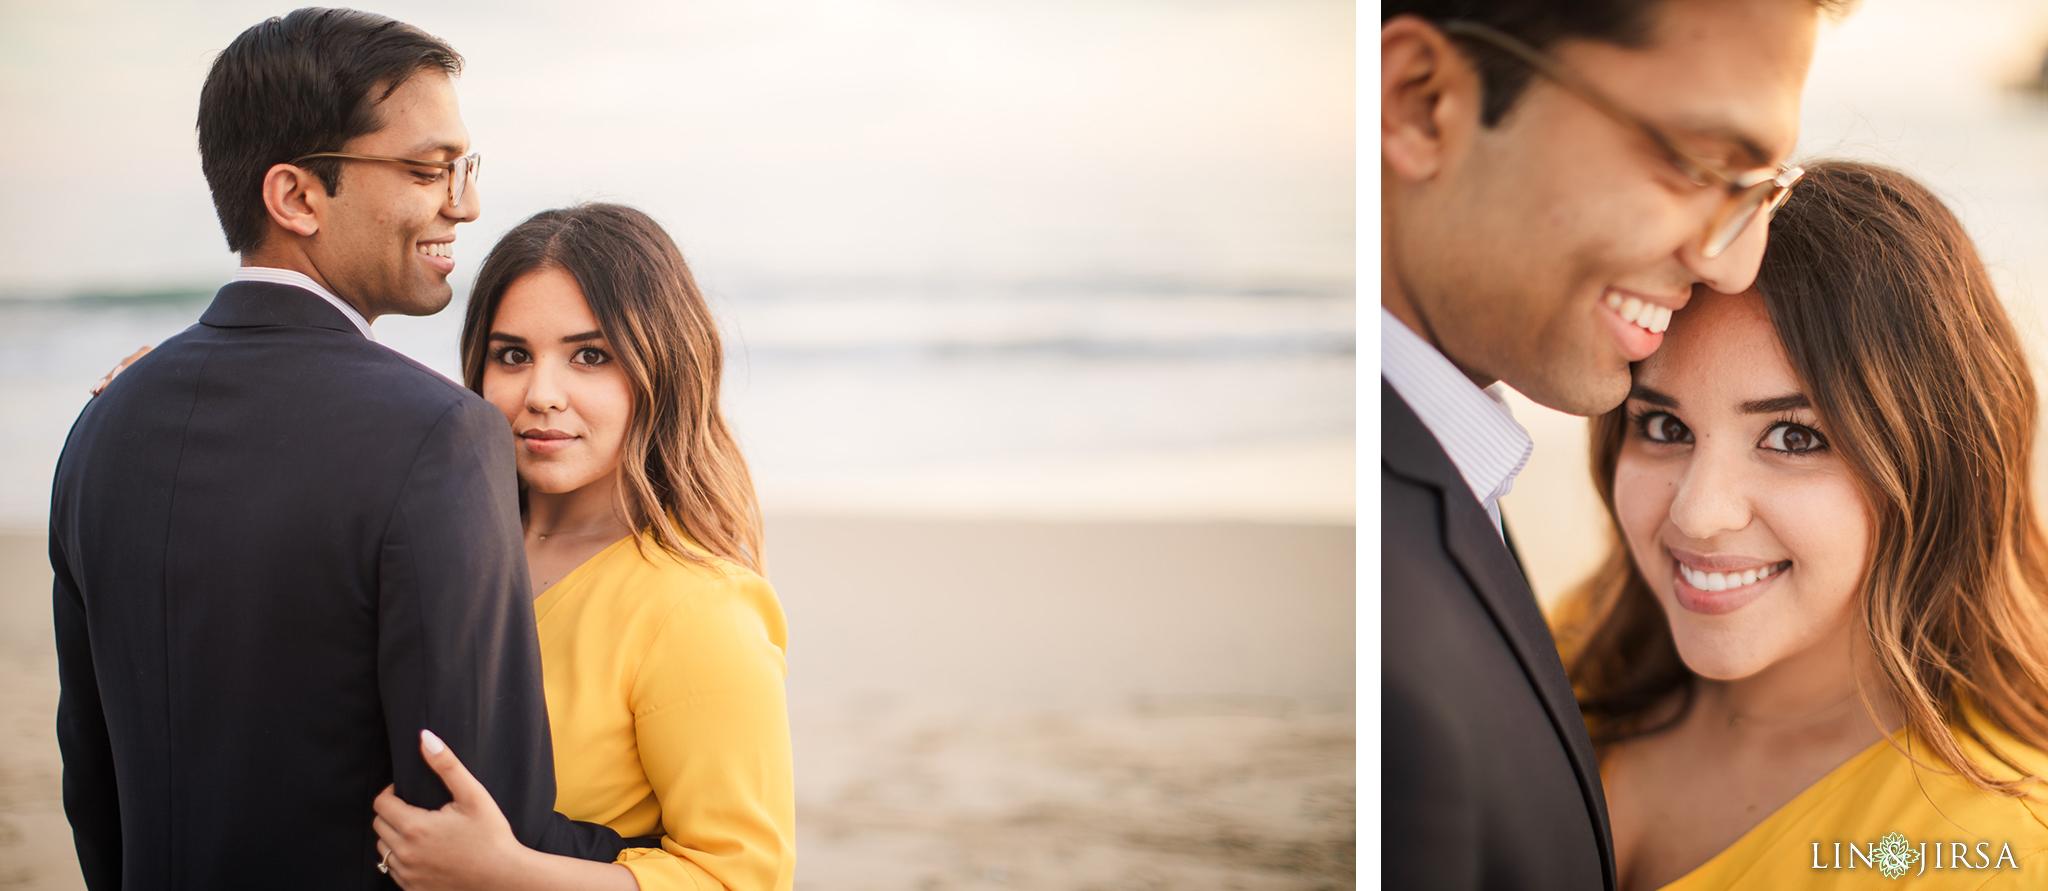 07 Newport Beach Pier Engagement Photography